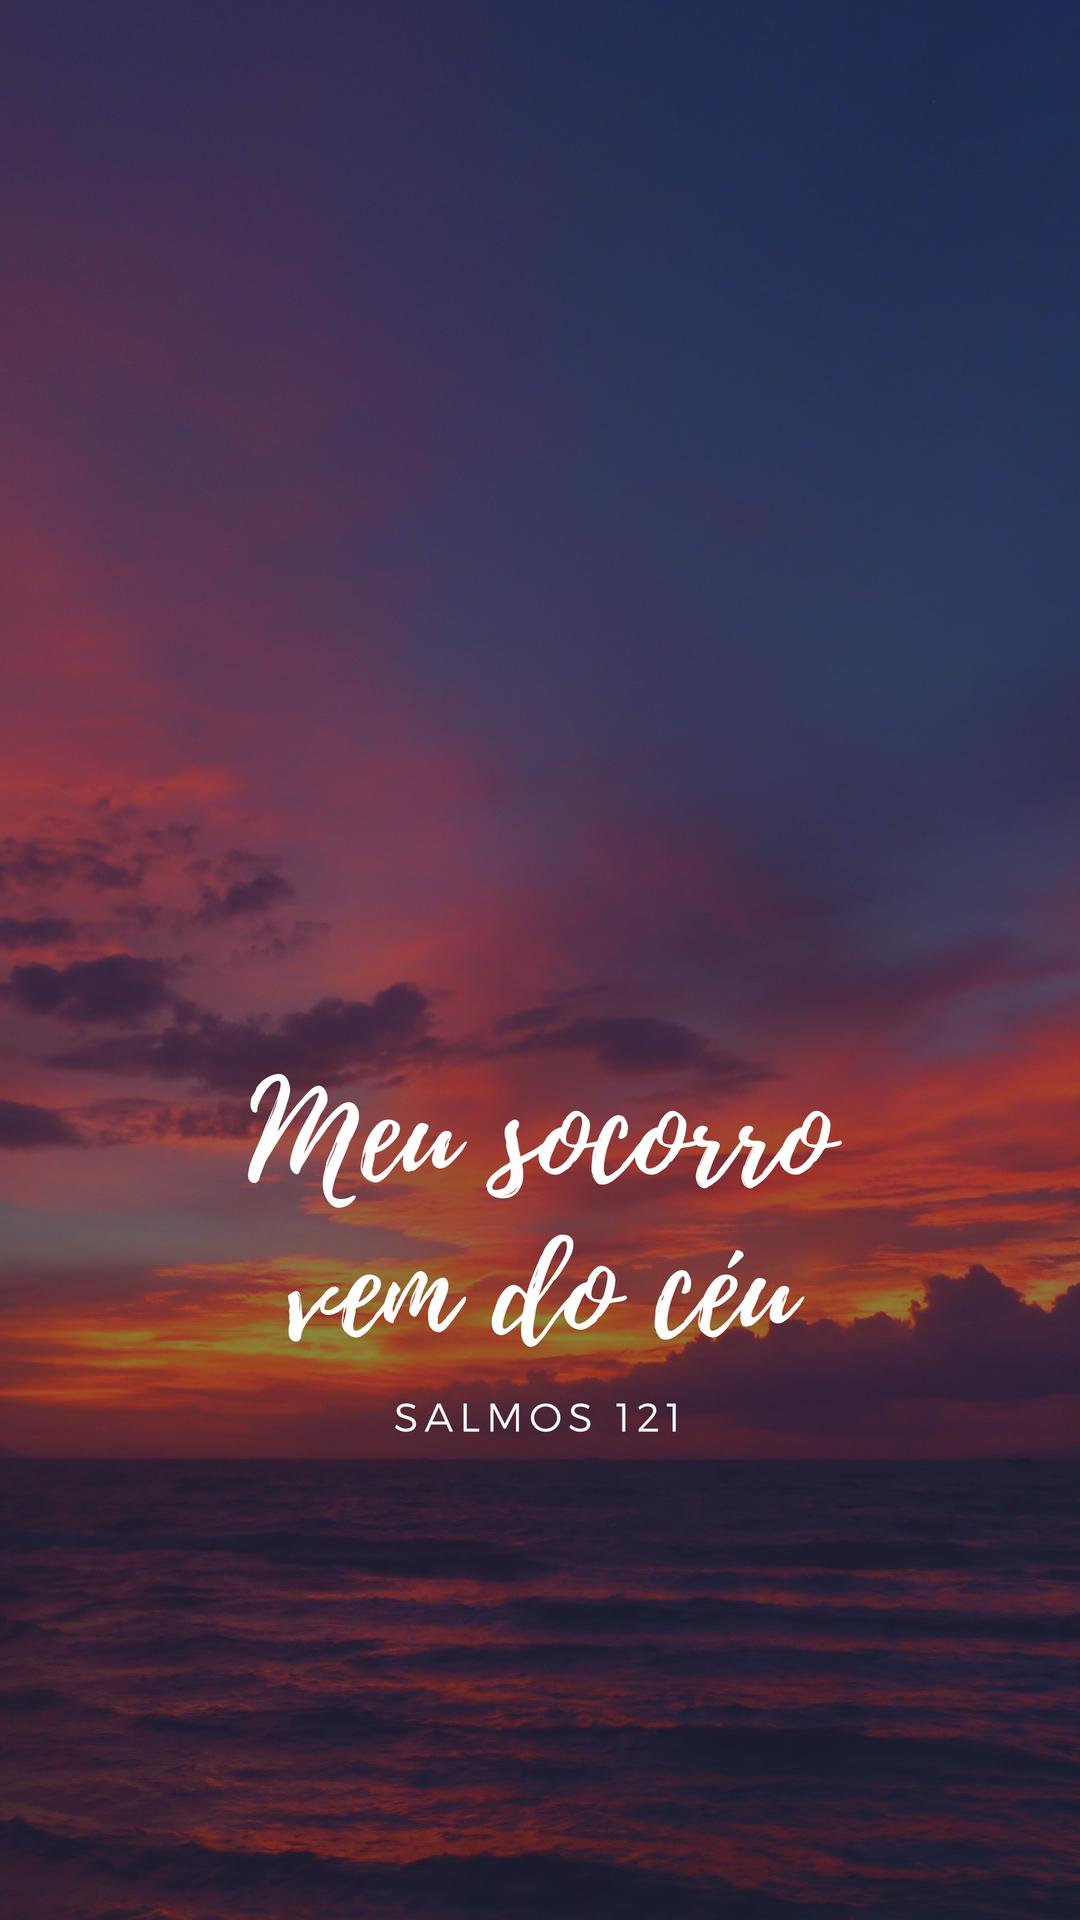 Salmos 121 Meu Socorro Vem De Ti Plano De Fundo Tumblr Mensagens